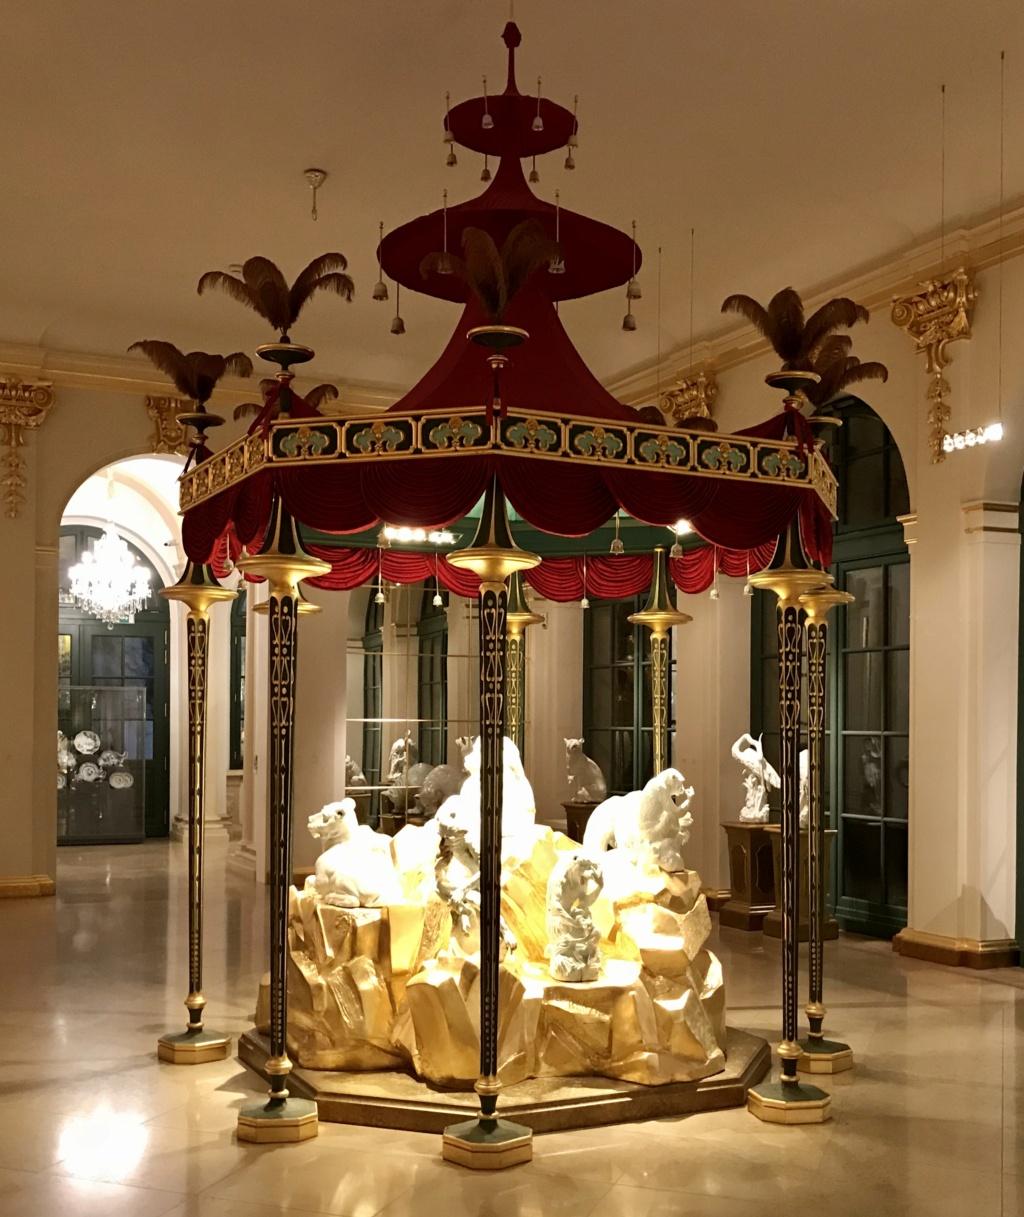 """Chantilly : Exposition """"La fabrique de l'extravagance"""", porcelaines de Meissen et de Chantilly  78a54610"""